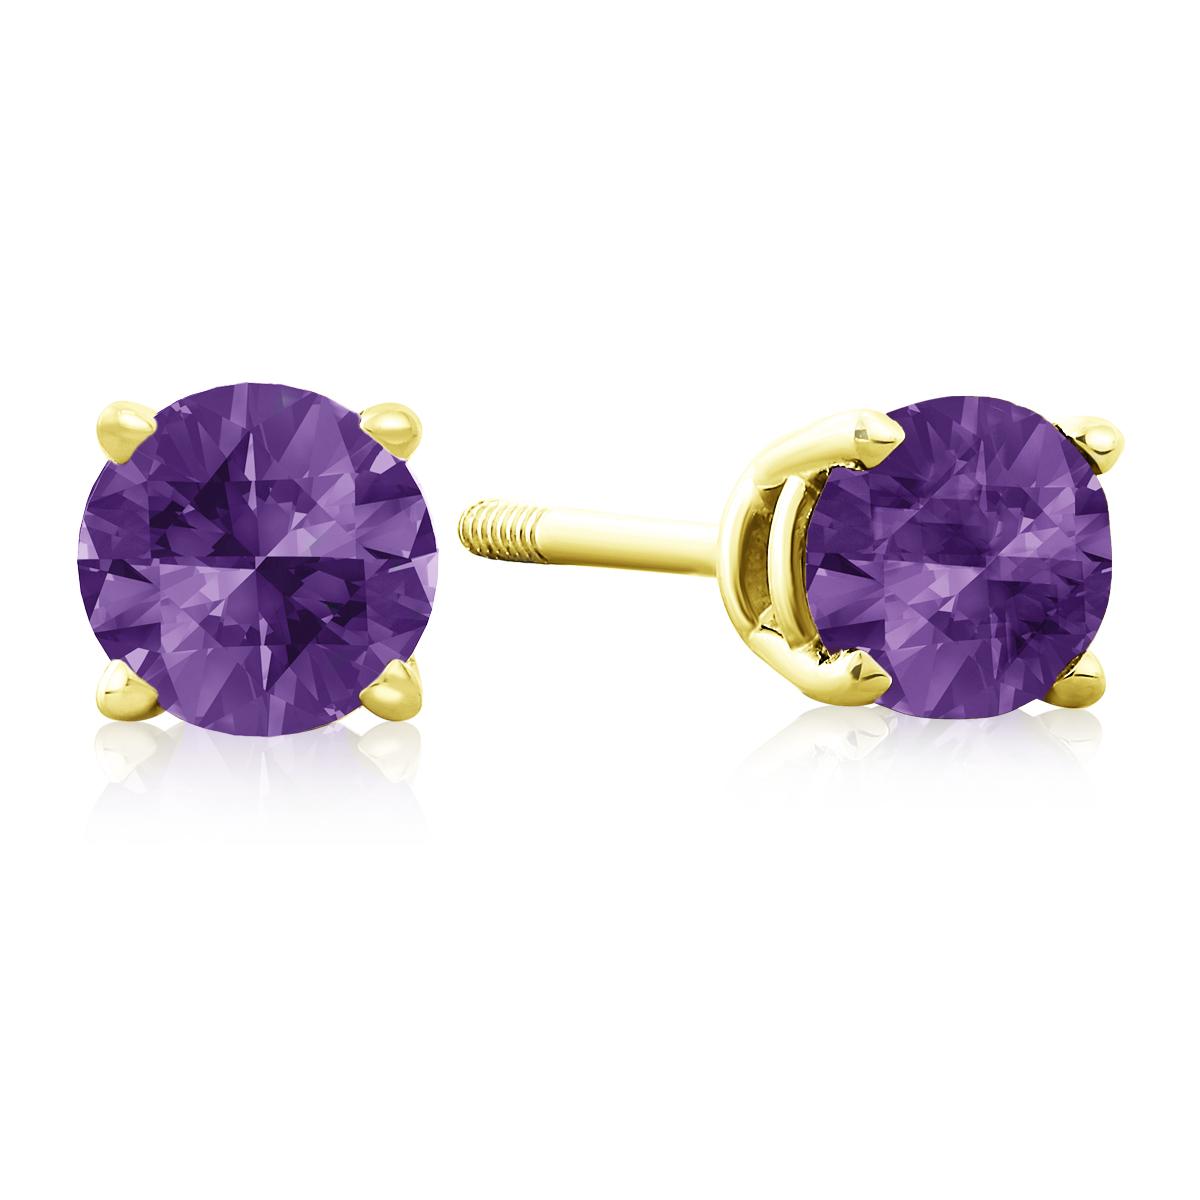 1 2 Carat Amethyst Stud Earrings in 14k Yellow Gold